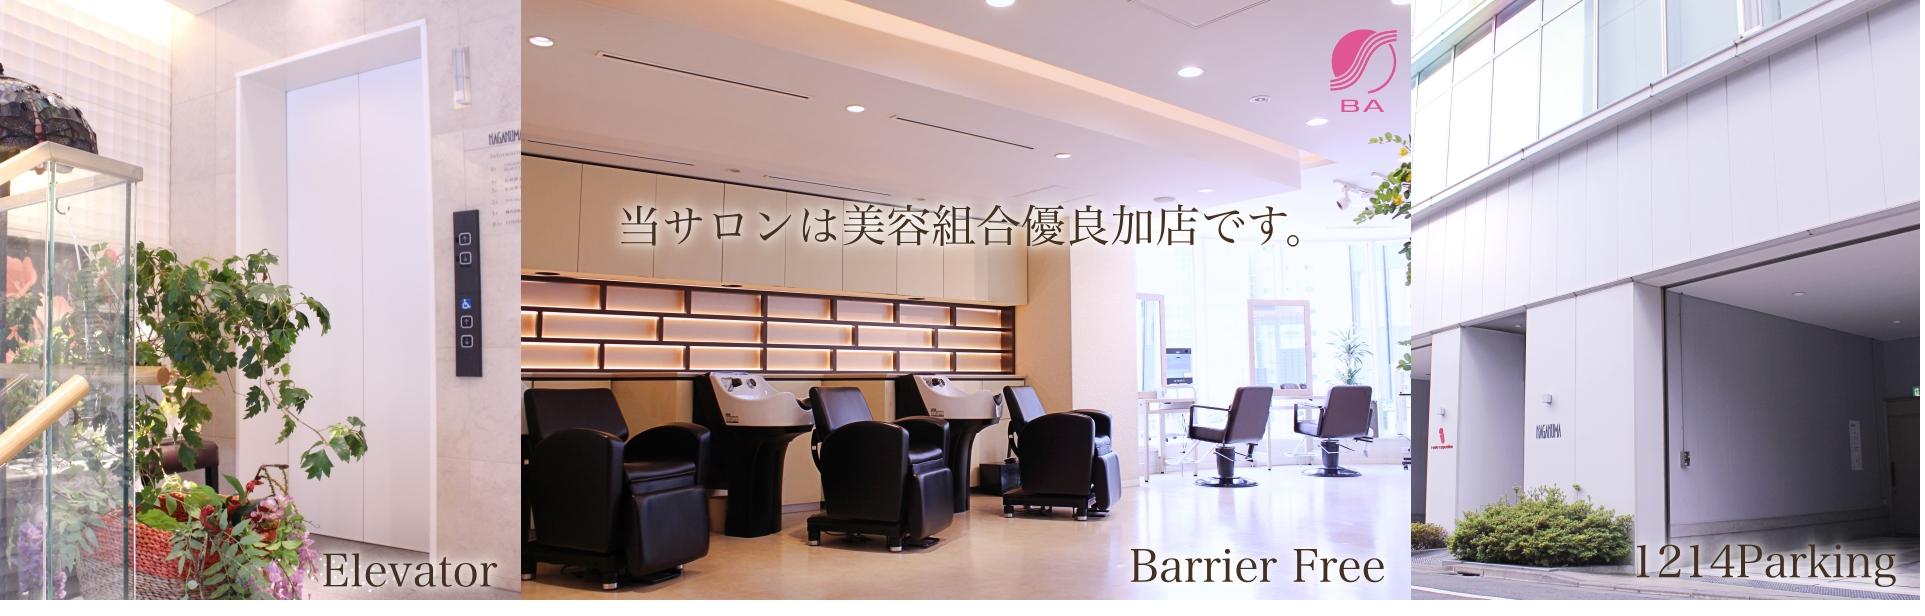 渋谷のヘアサロン1214は美容組合優良加盟店